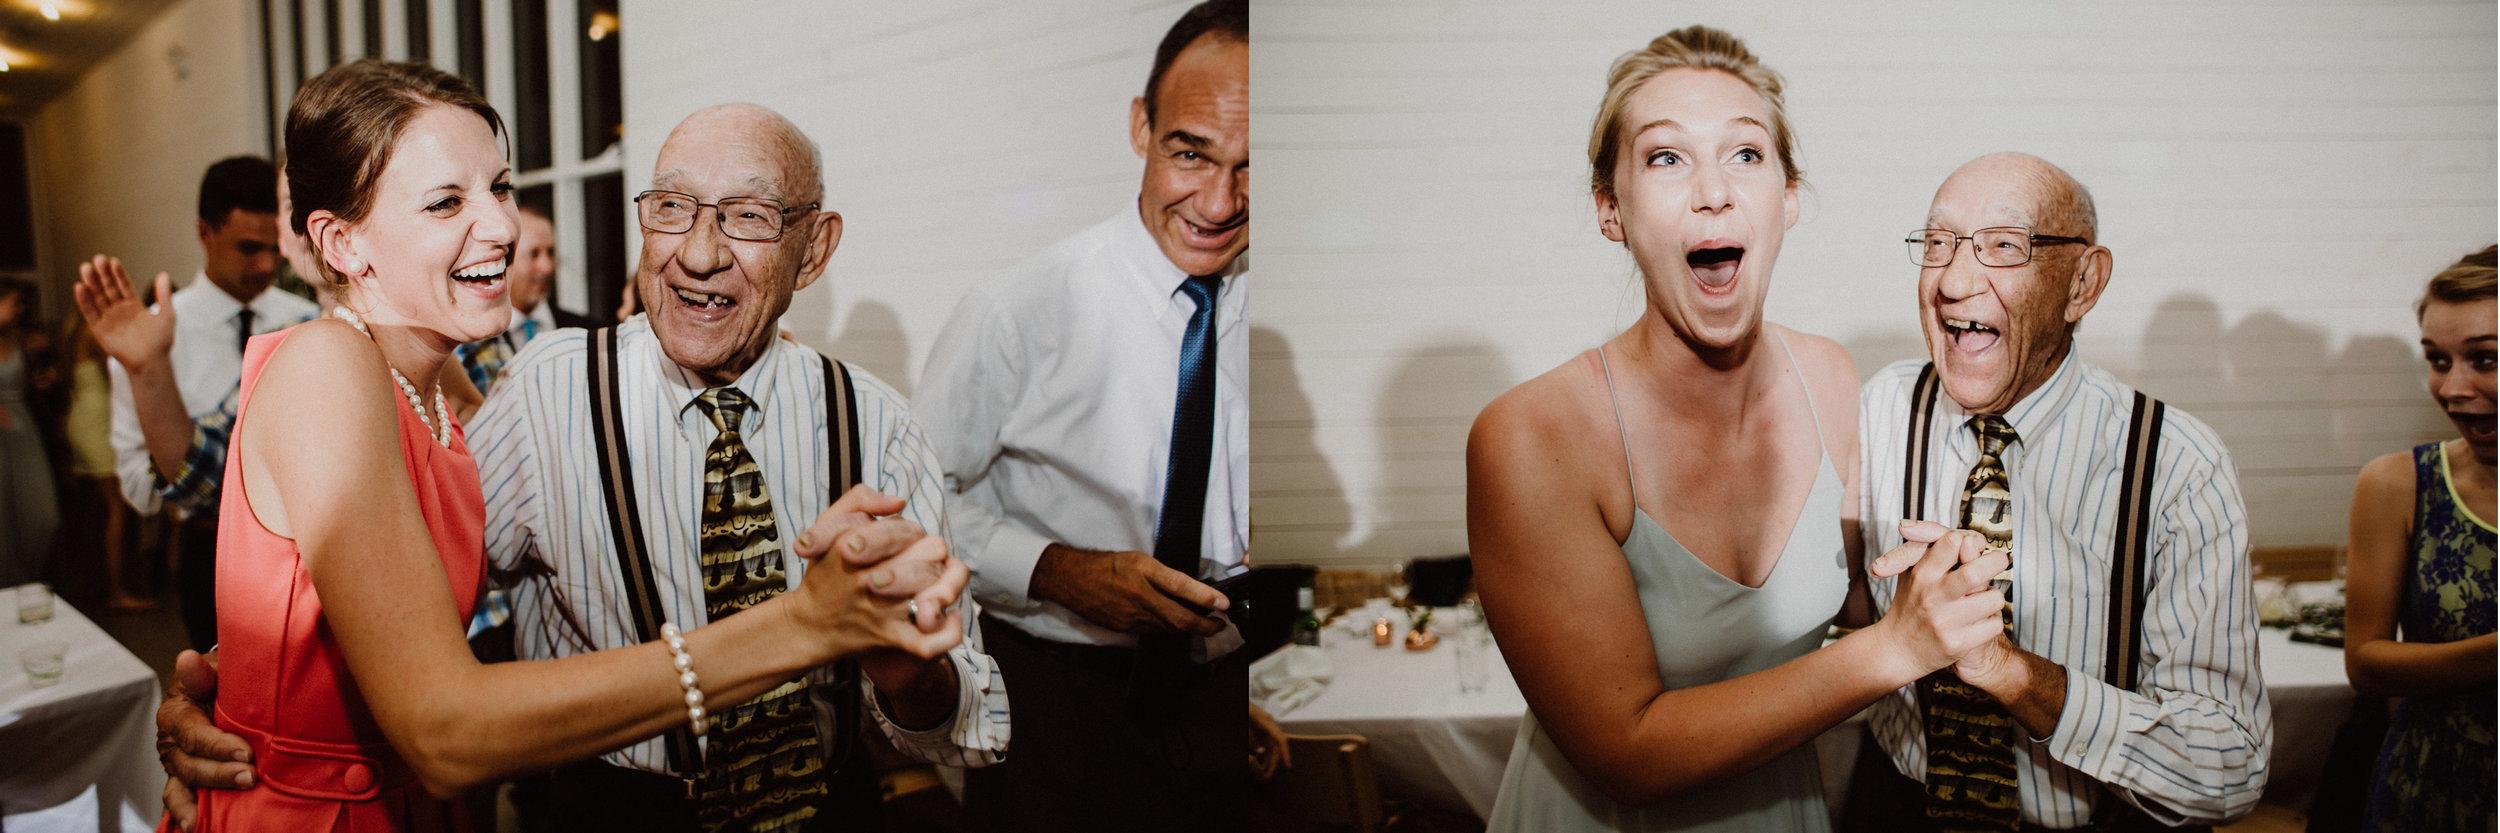 prospect-house-wedding-14jpg.jpg